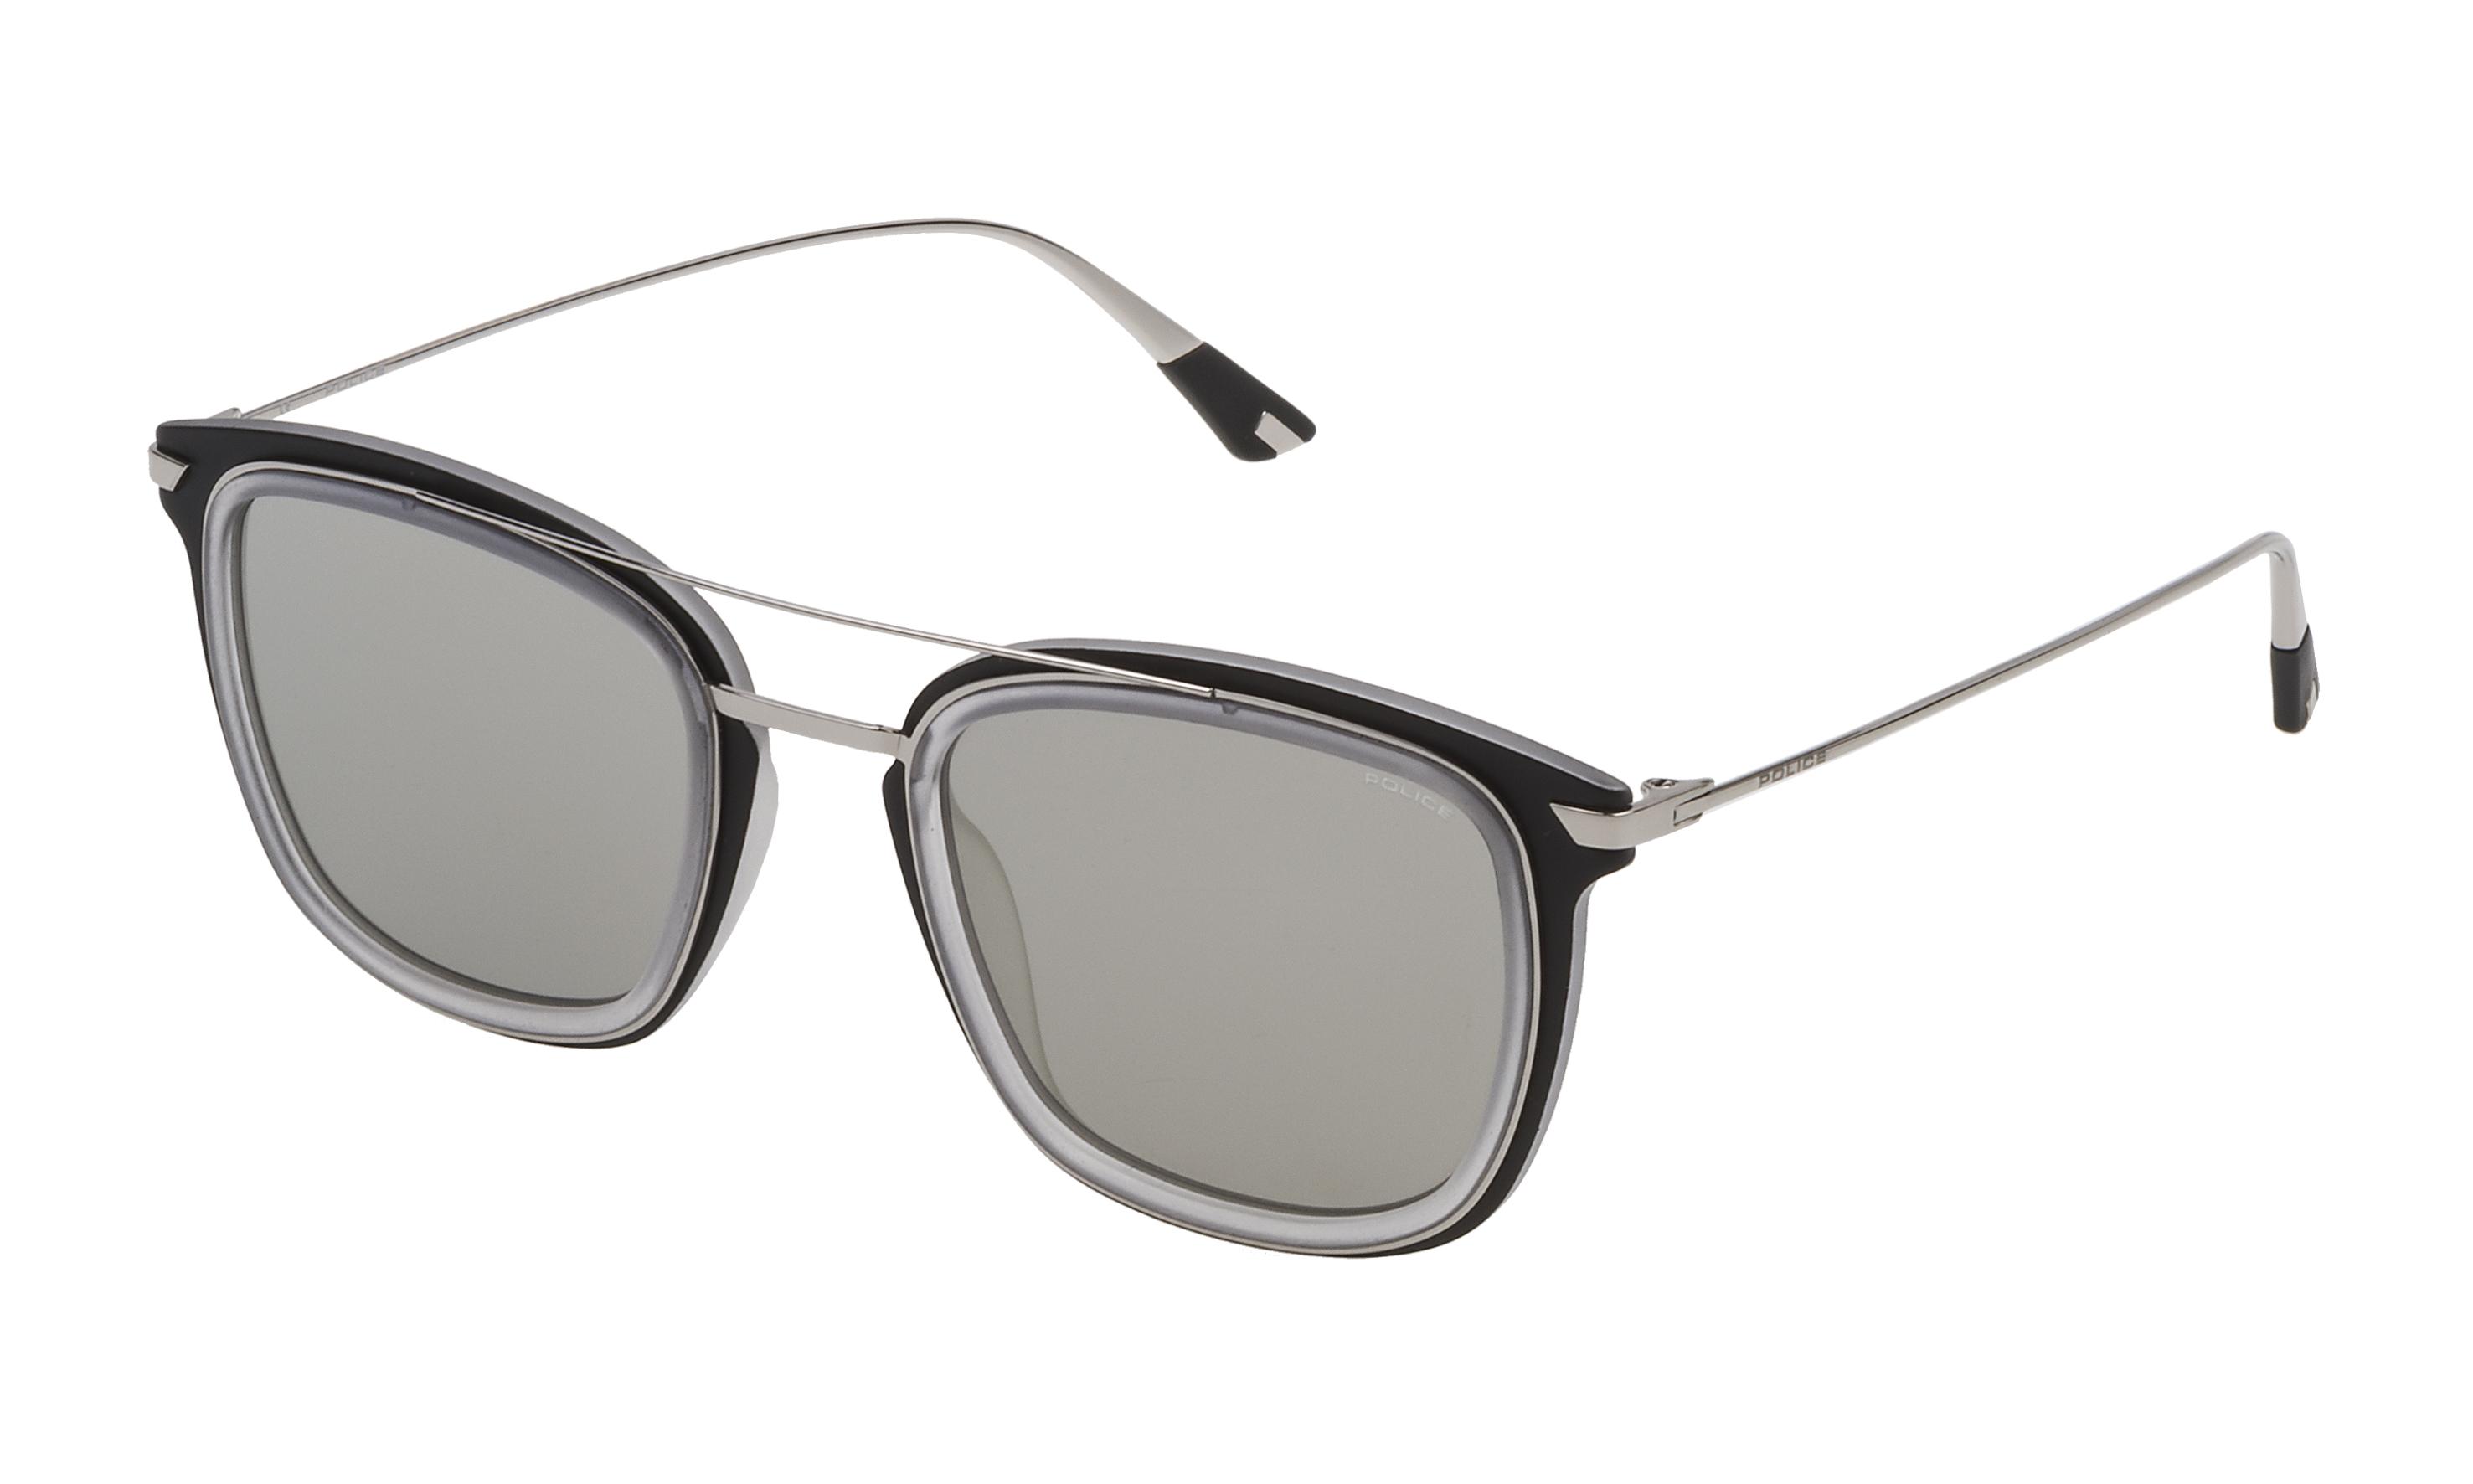 Police SPL725 Sunglasses, $230